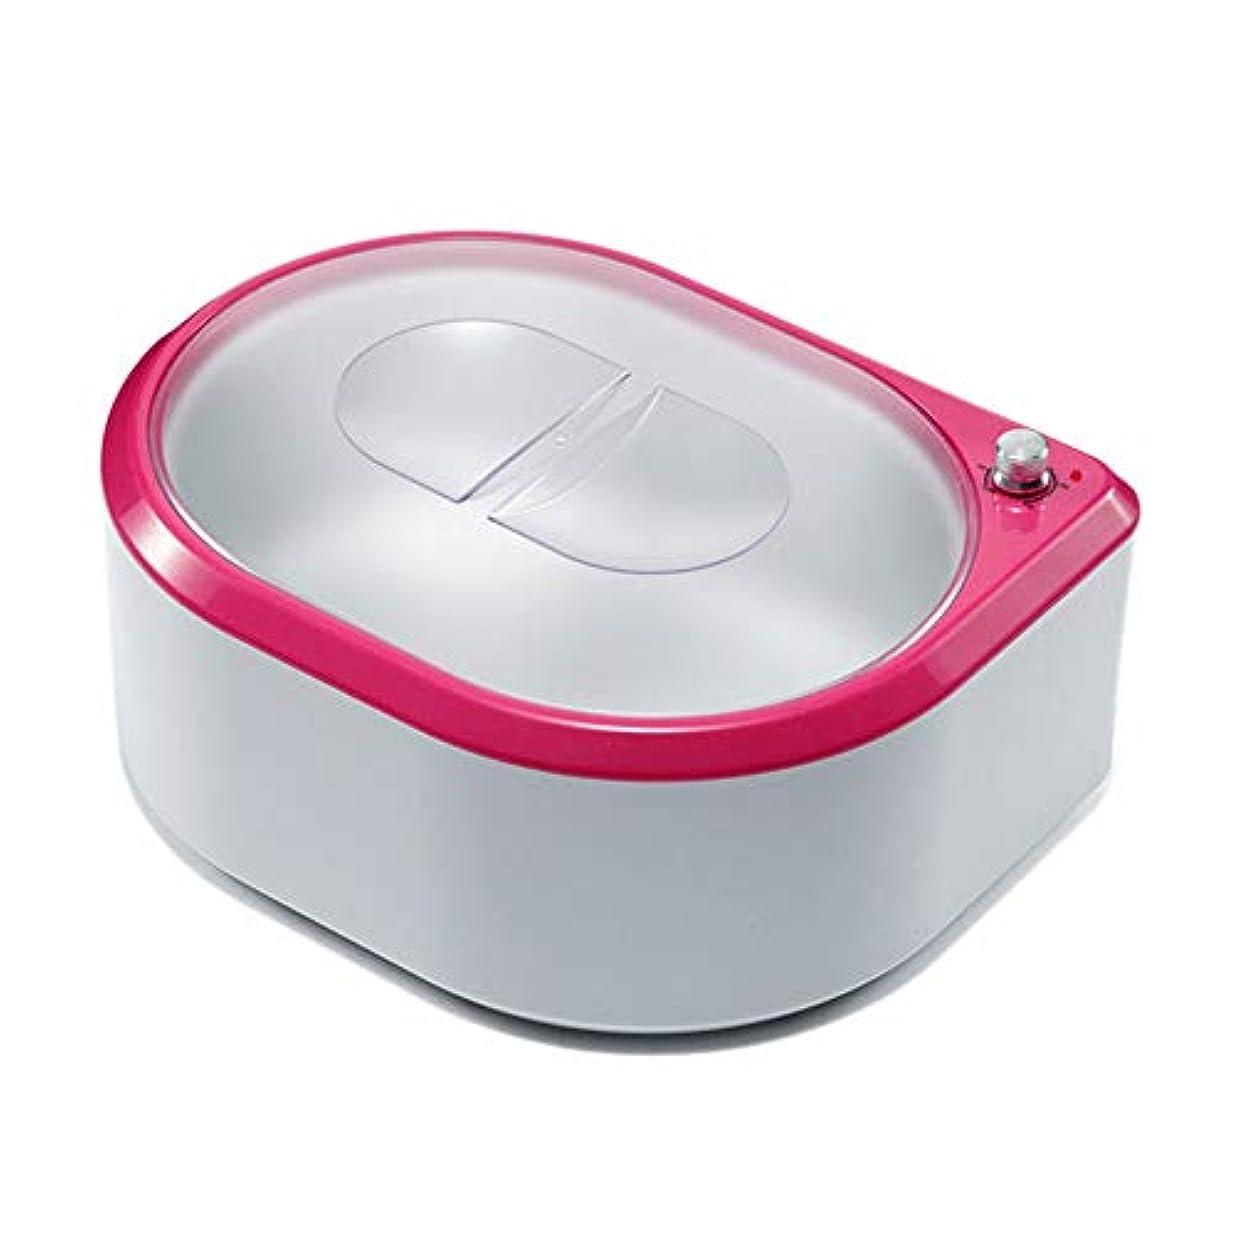 ブレイズ謝罪不要ワックスヒーター電子温度制御パラフィンスキンケア手ワックスマシンバスタブすすぎ鍋美容院デバイス用ホームとサロン